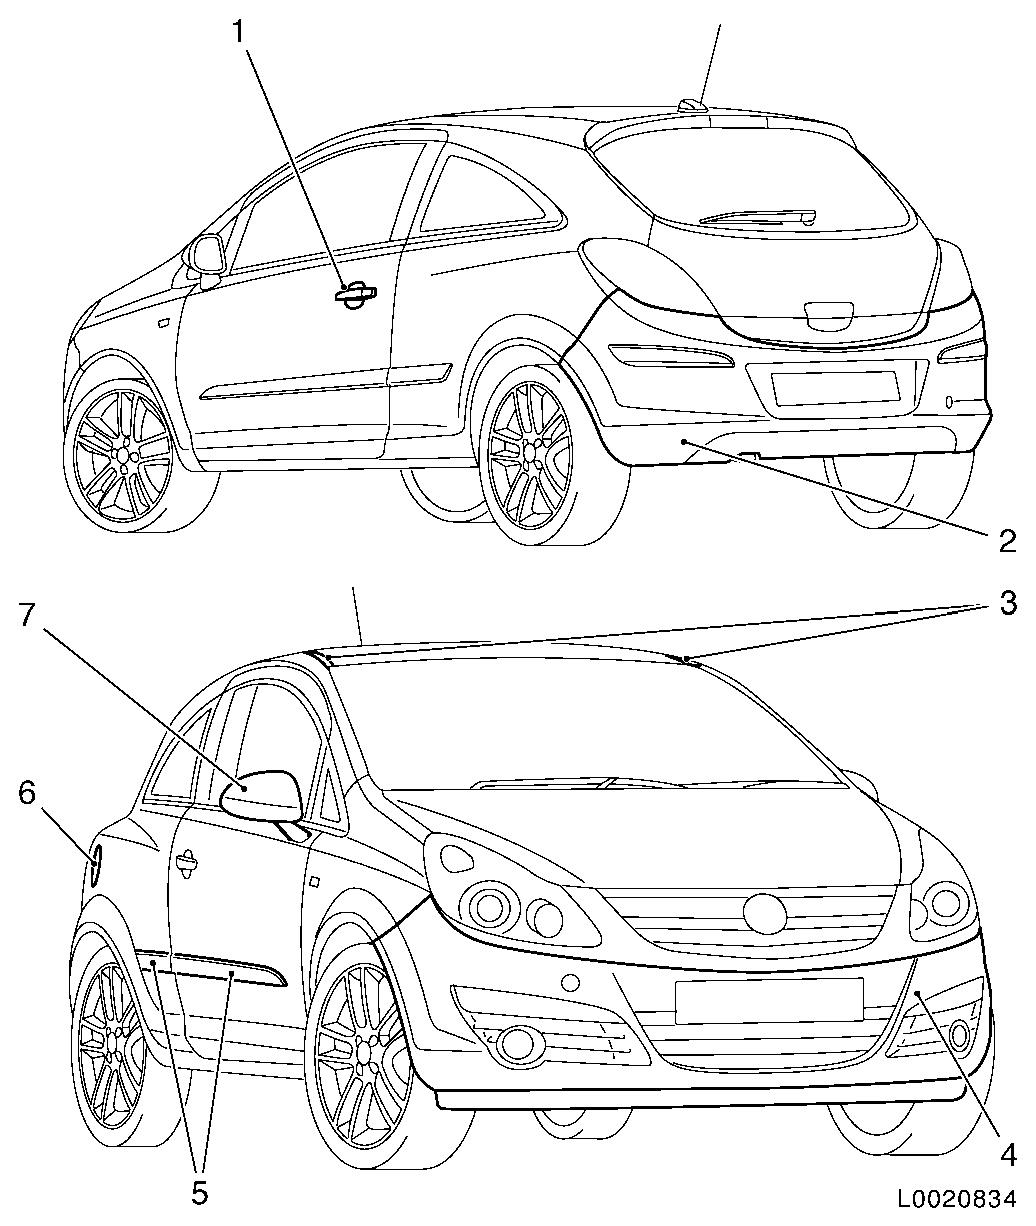 Vauxhall Workshop Manuals > Corsa D > B Paint > Painting